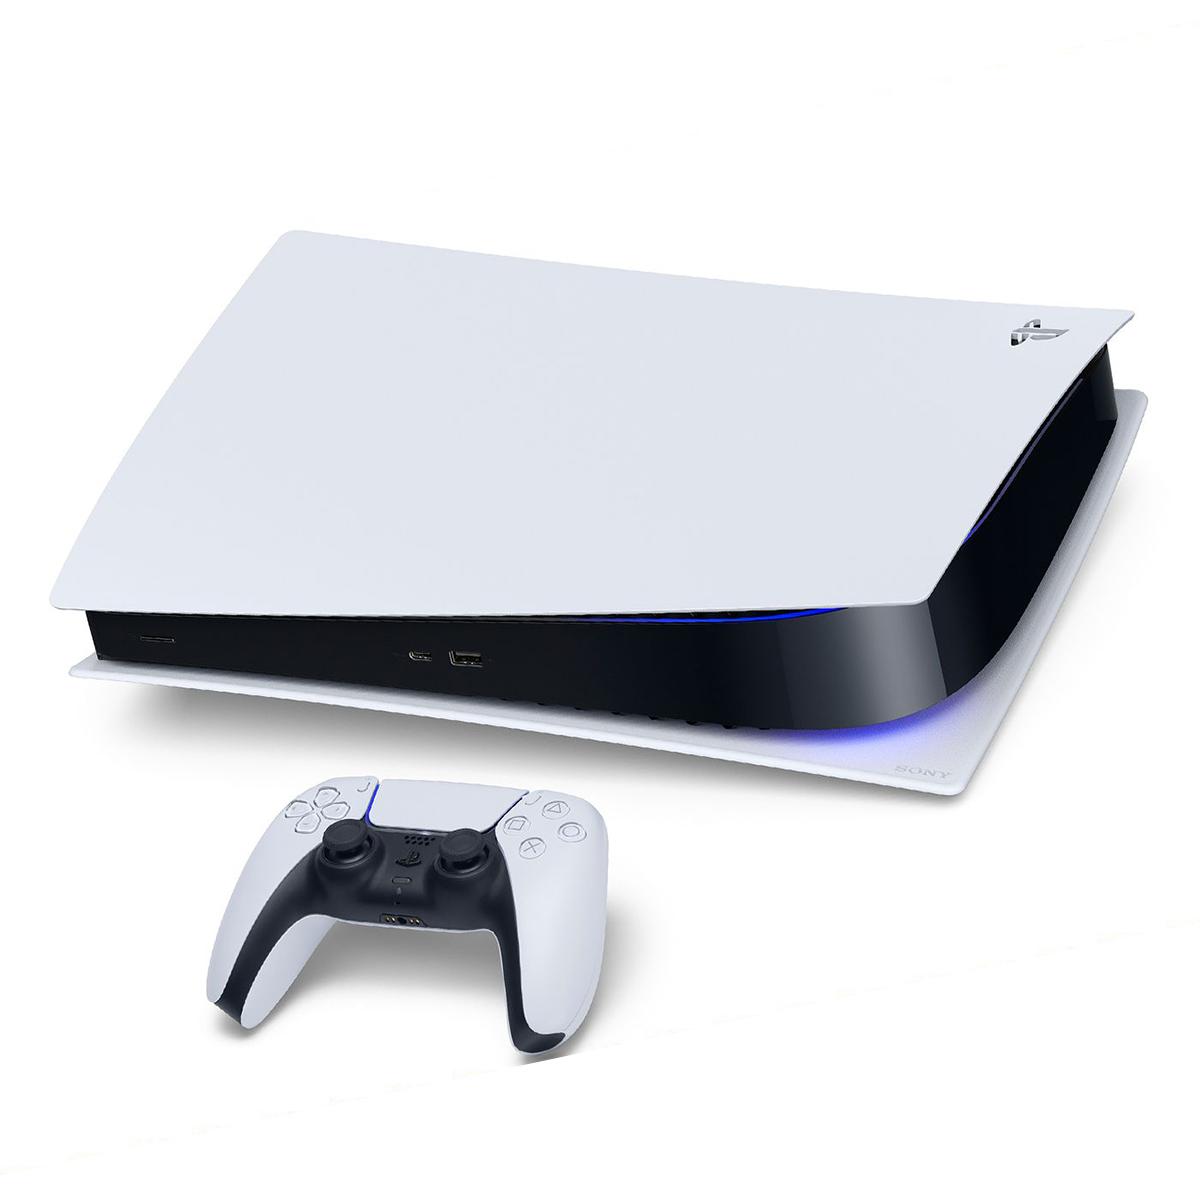 مجموعه کنسول بازی سونی مدل PLayStation 5 Digital به همراه هدست سونی Pulse 3D